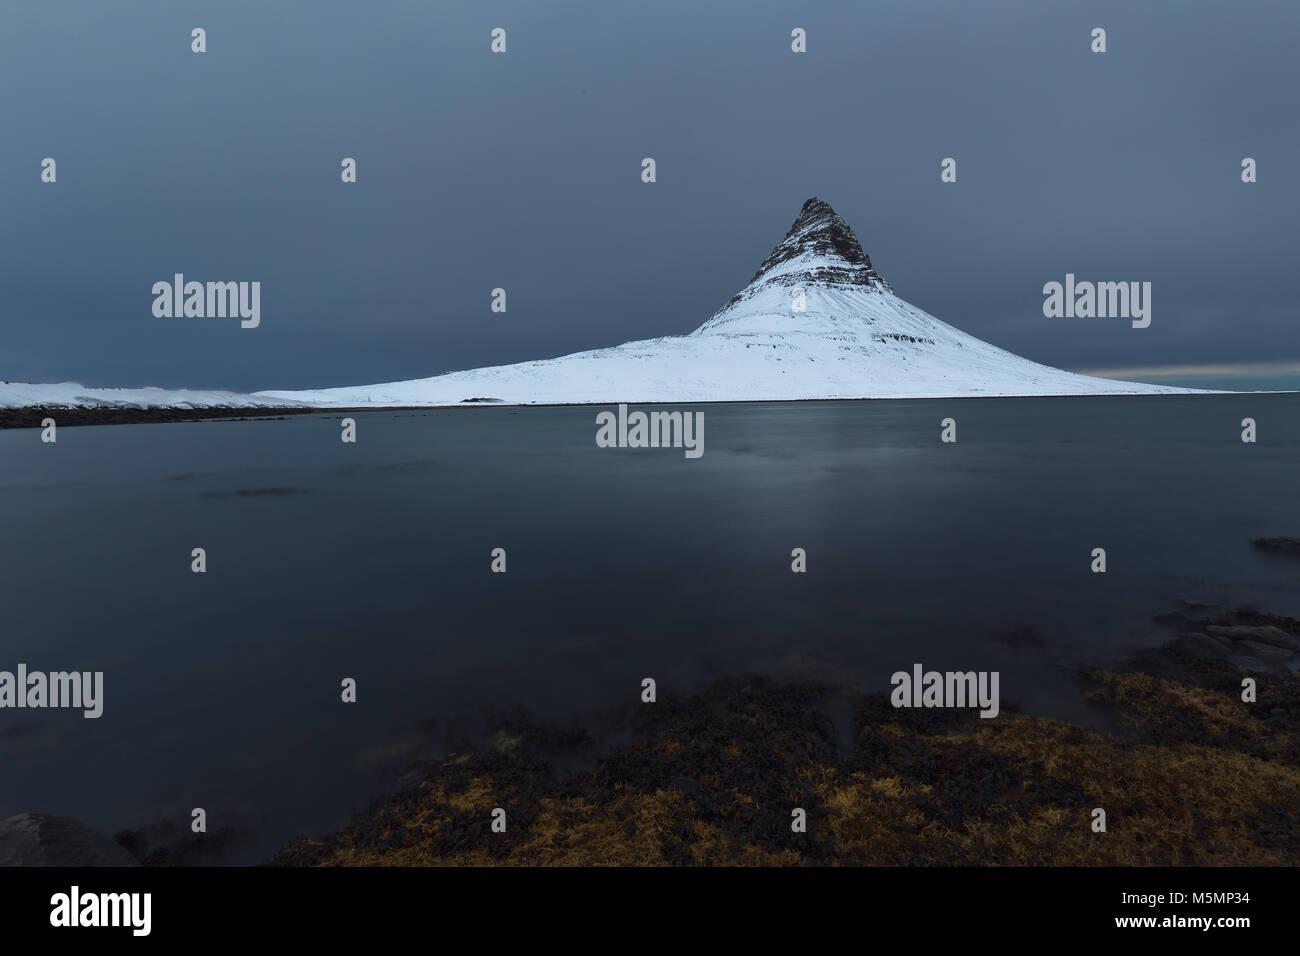 Snowed kirkjufell mountain in winter in Iceland - Stock Image